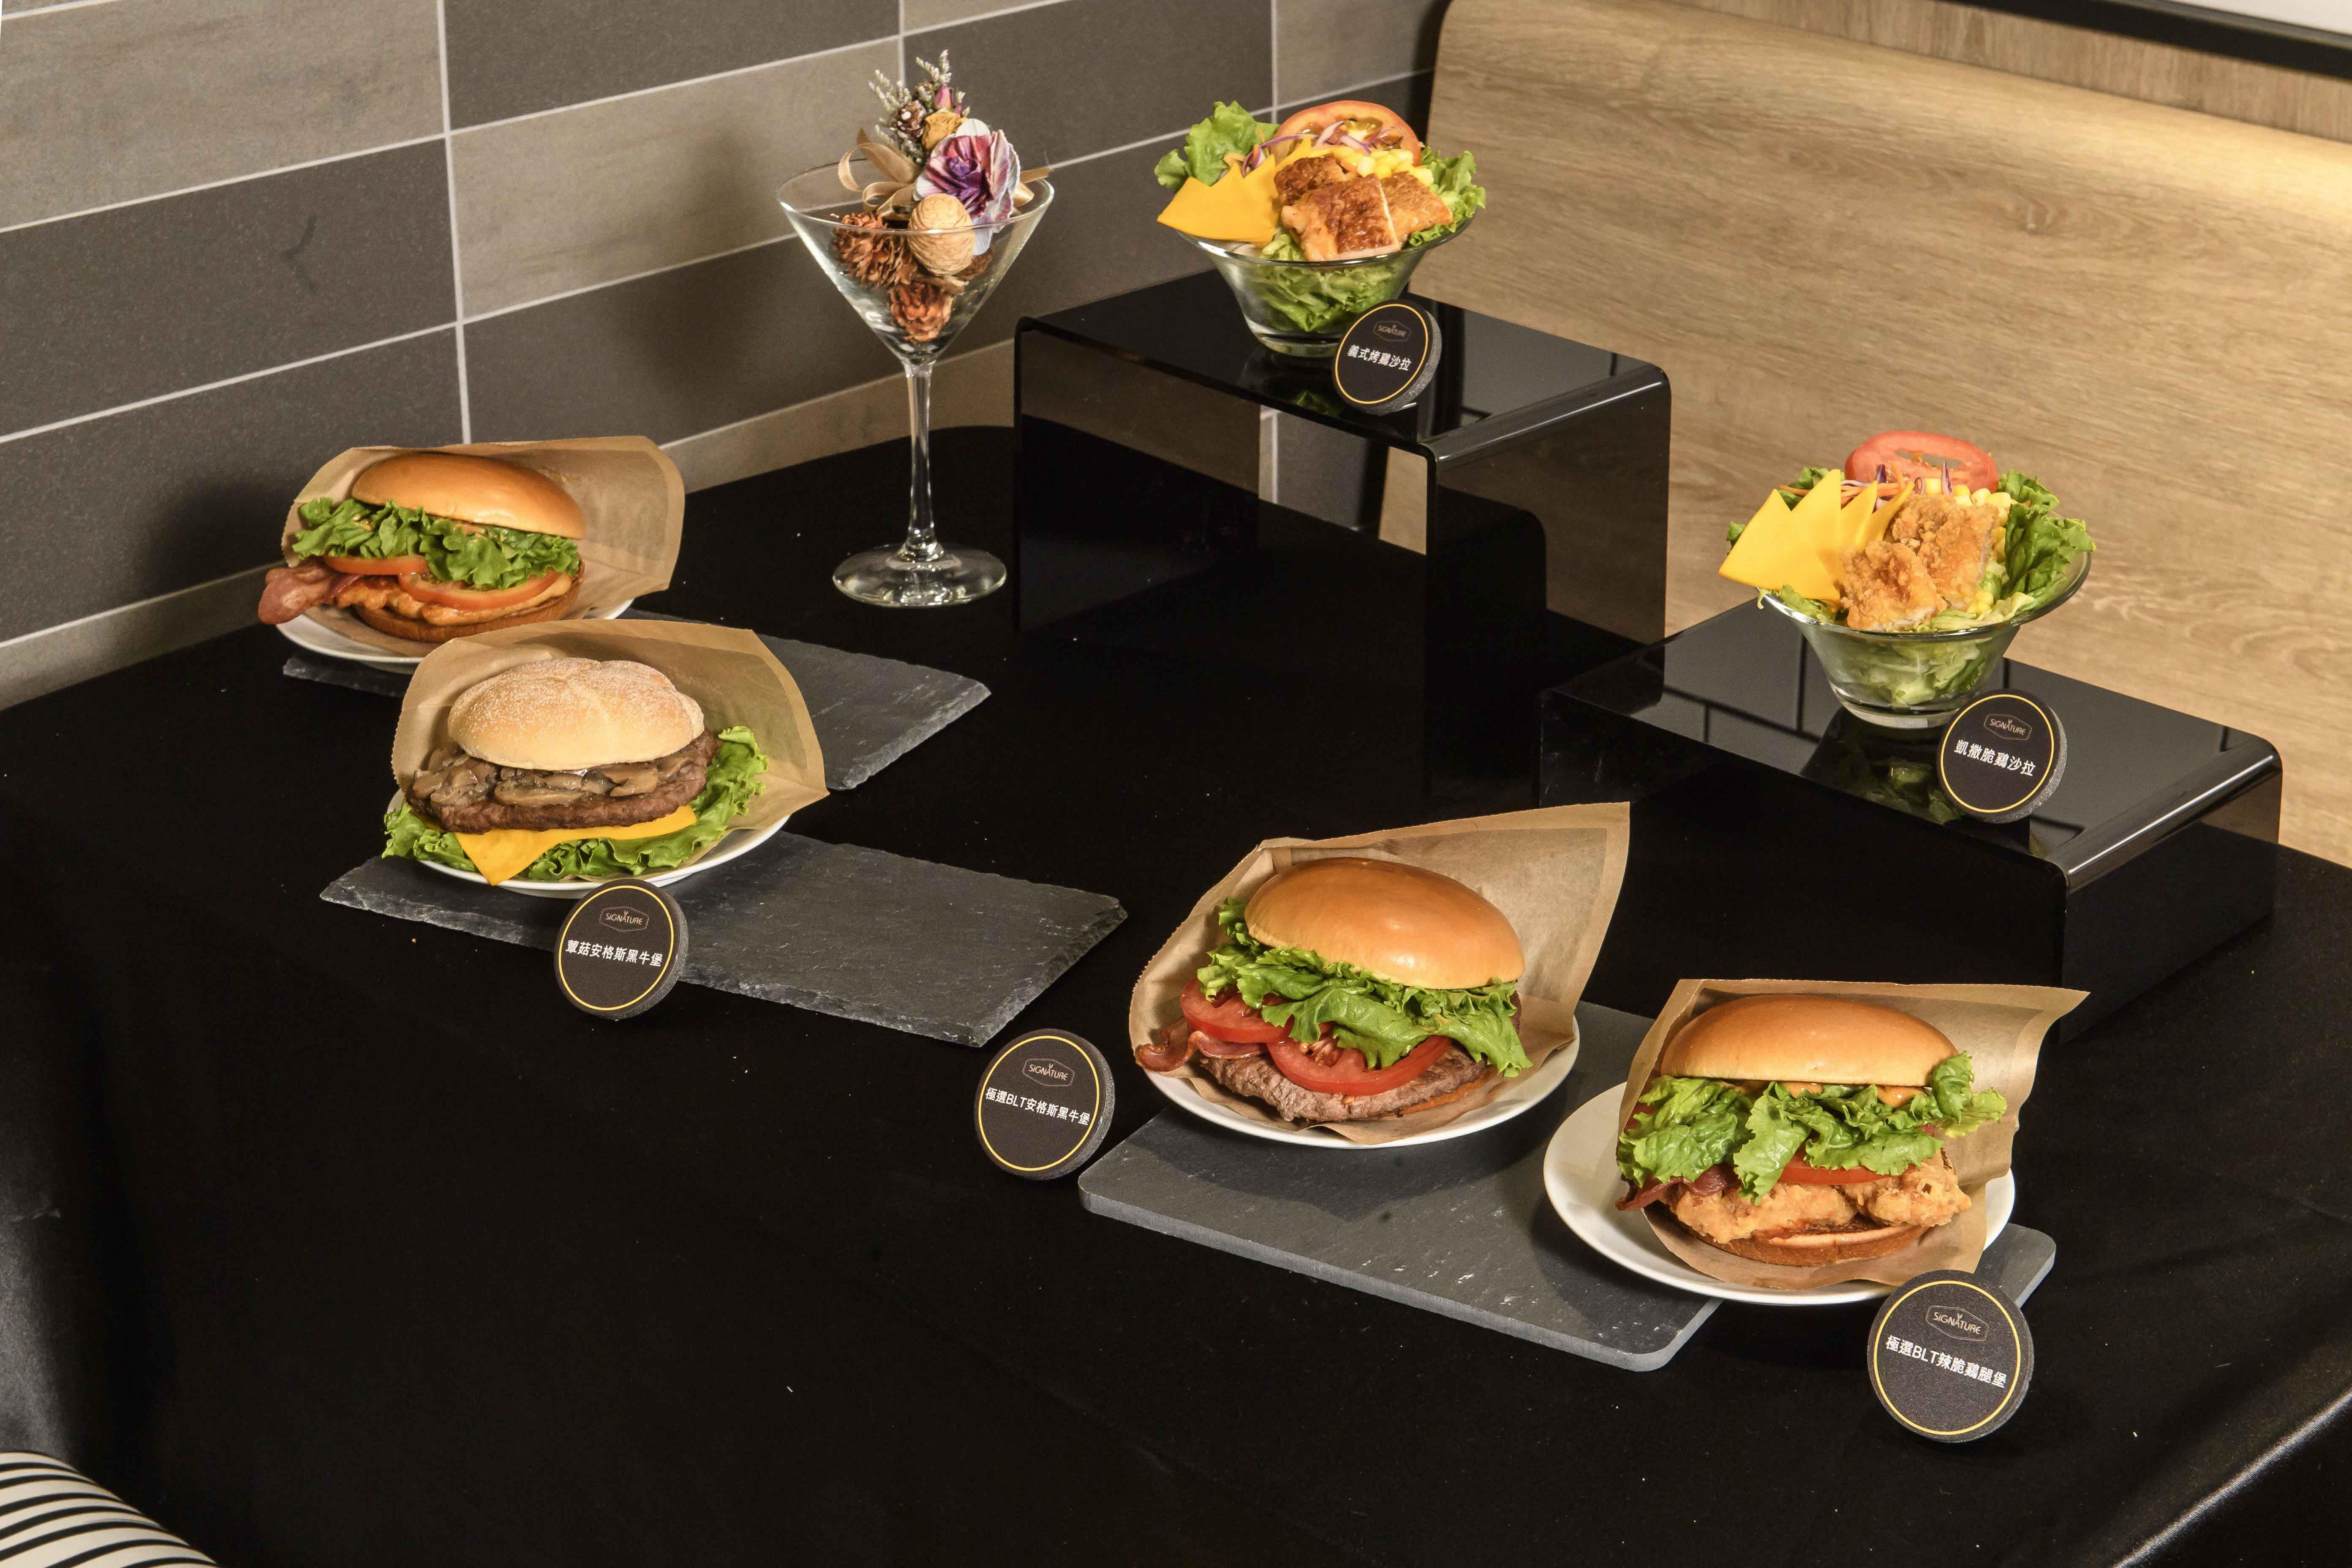 標榜使用高檔食材的麥當勞極選系列